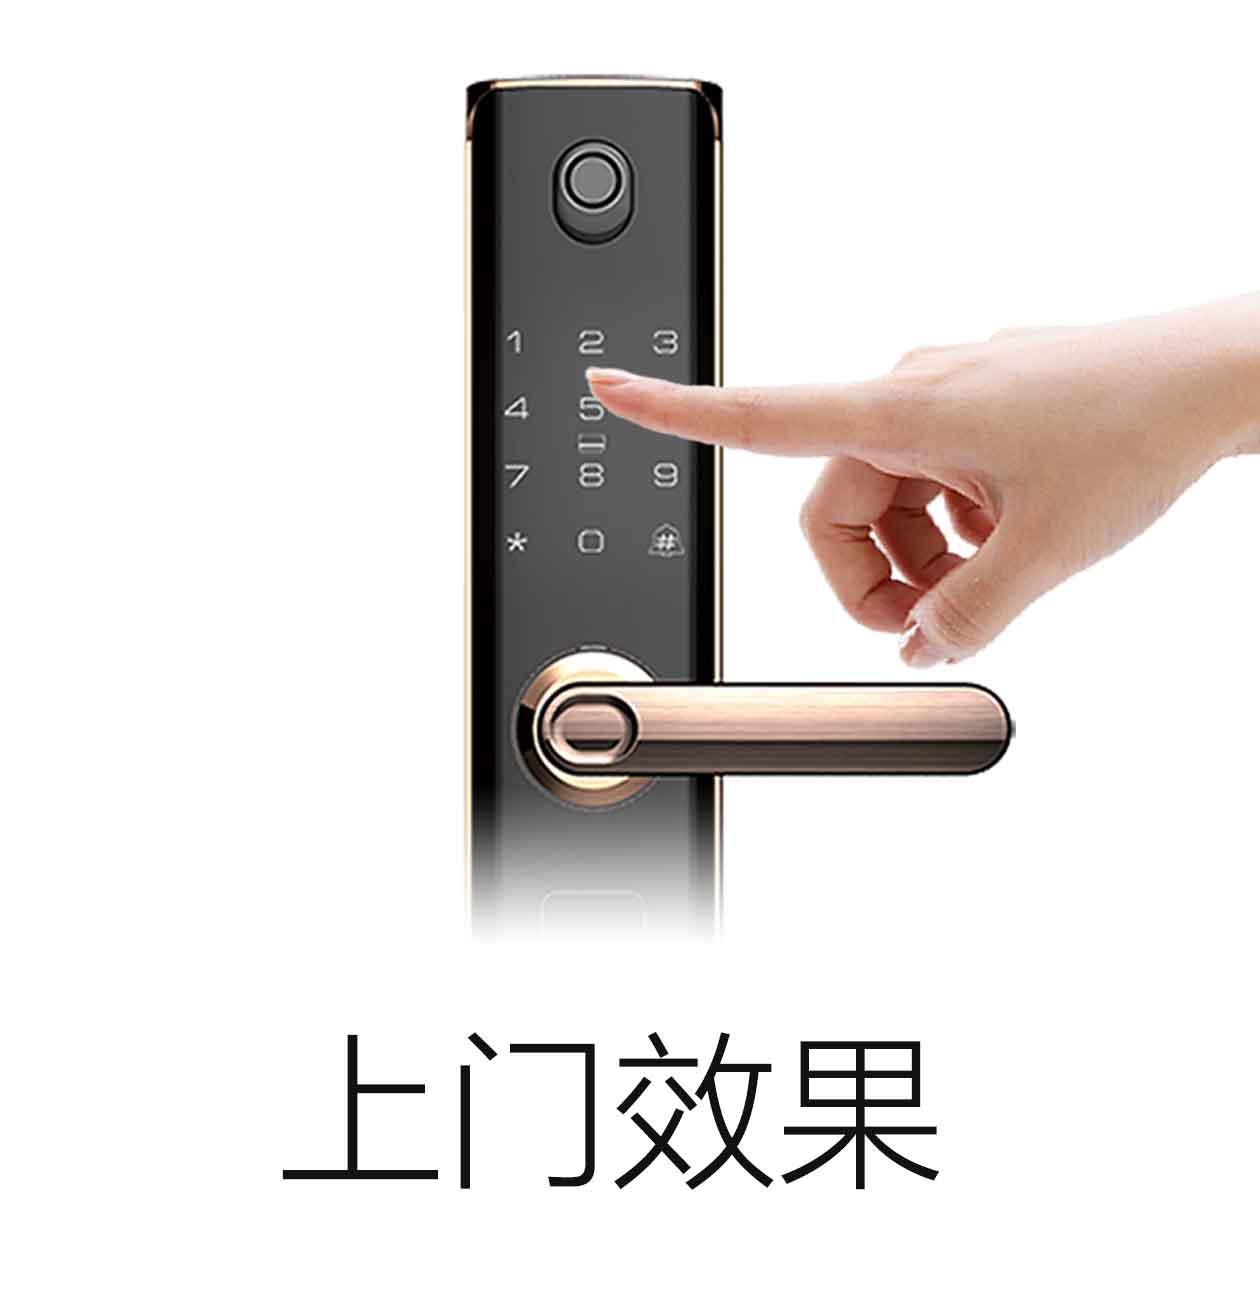 四川防盗锁厂家,赛文科技专注成就实力享誉全国